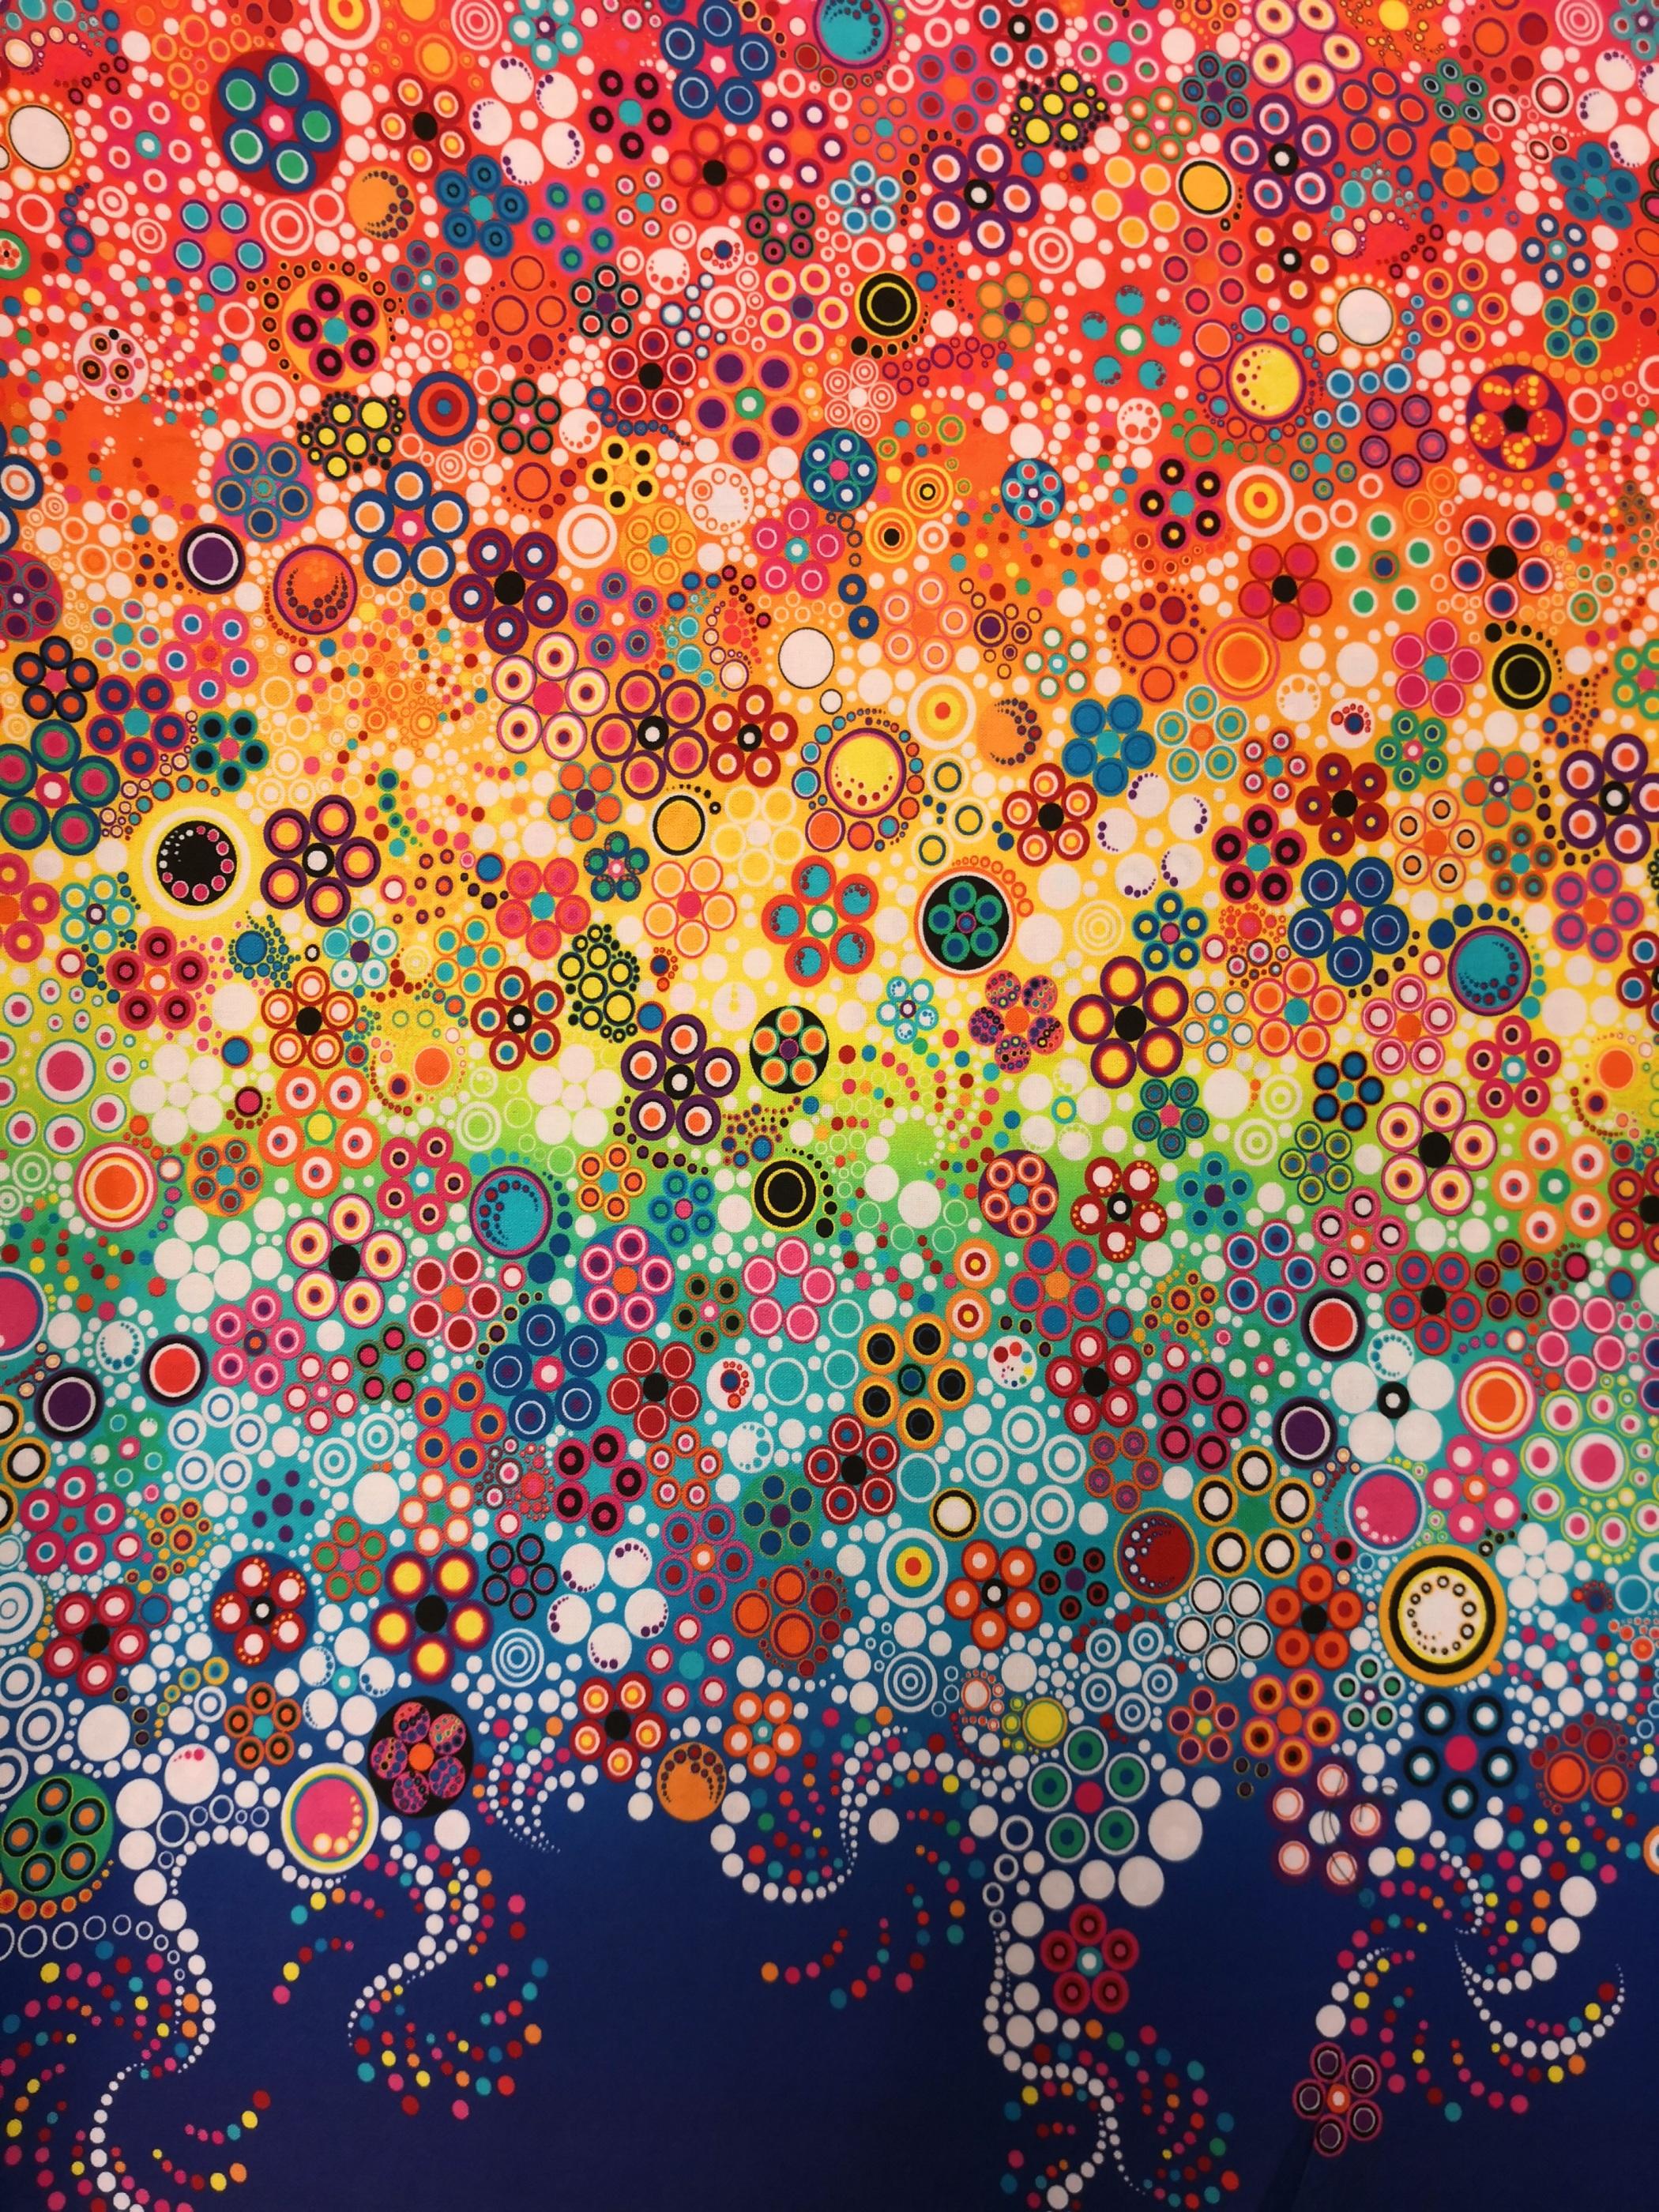 Cirklar på marin botten, , tyg, metervara, tyglust, cirkel, färger